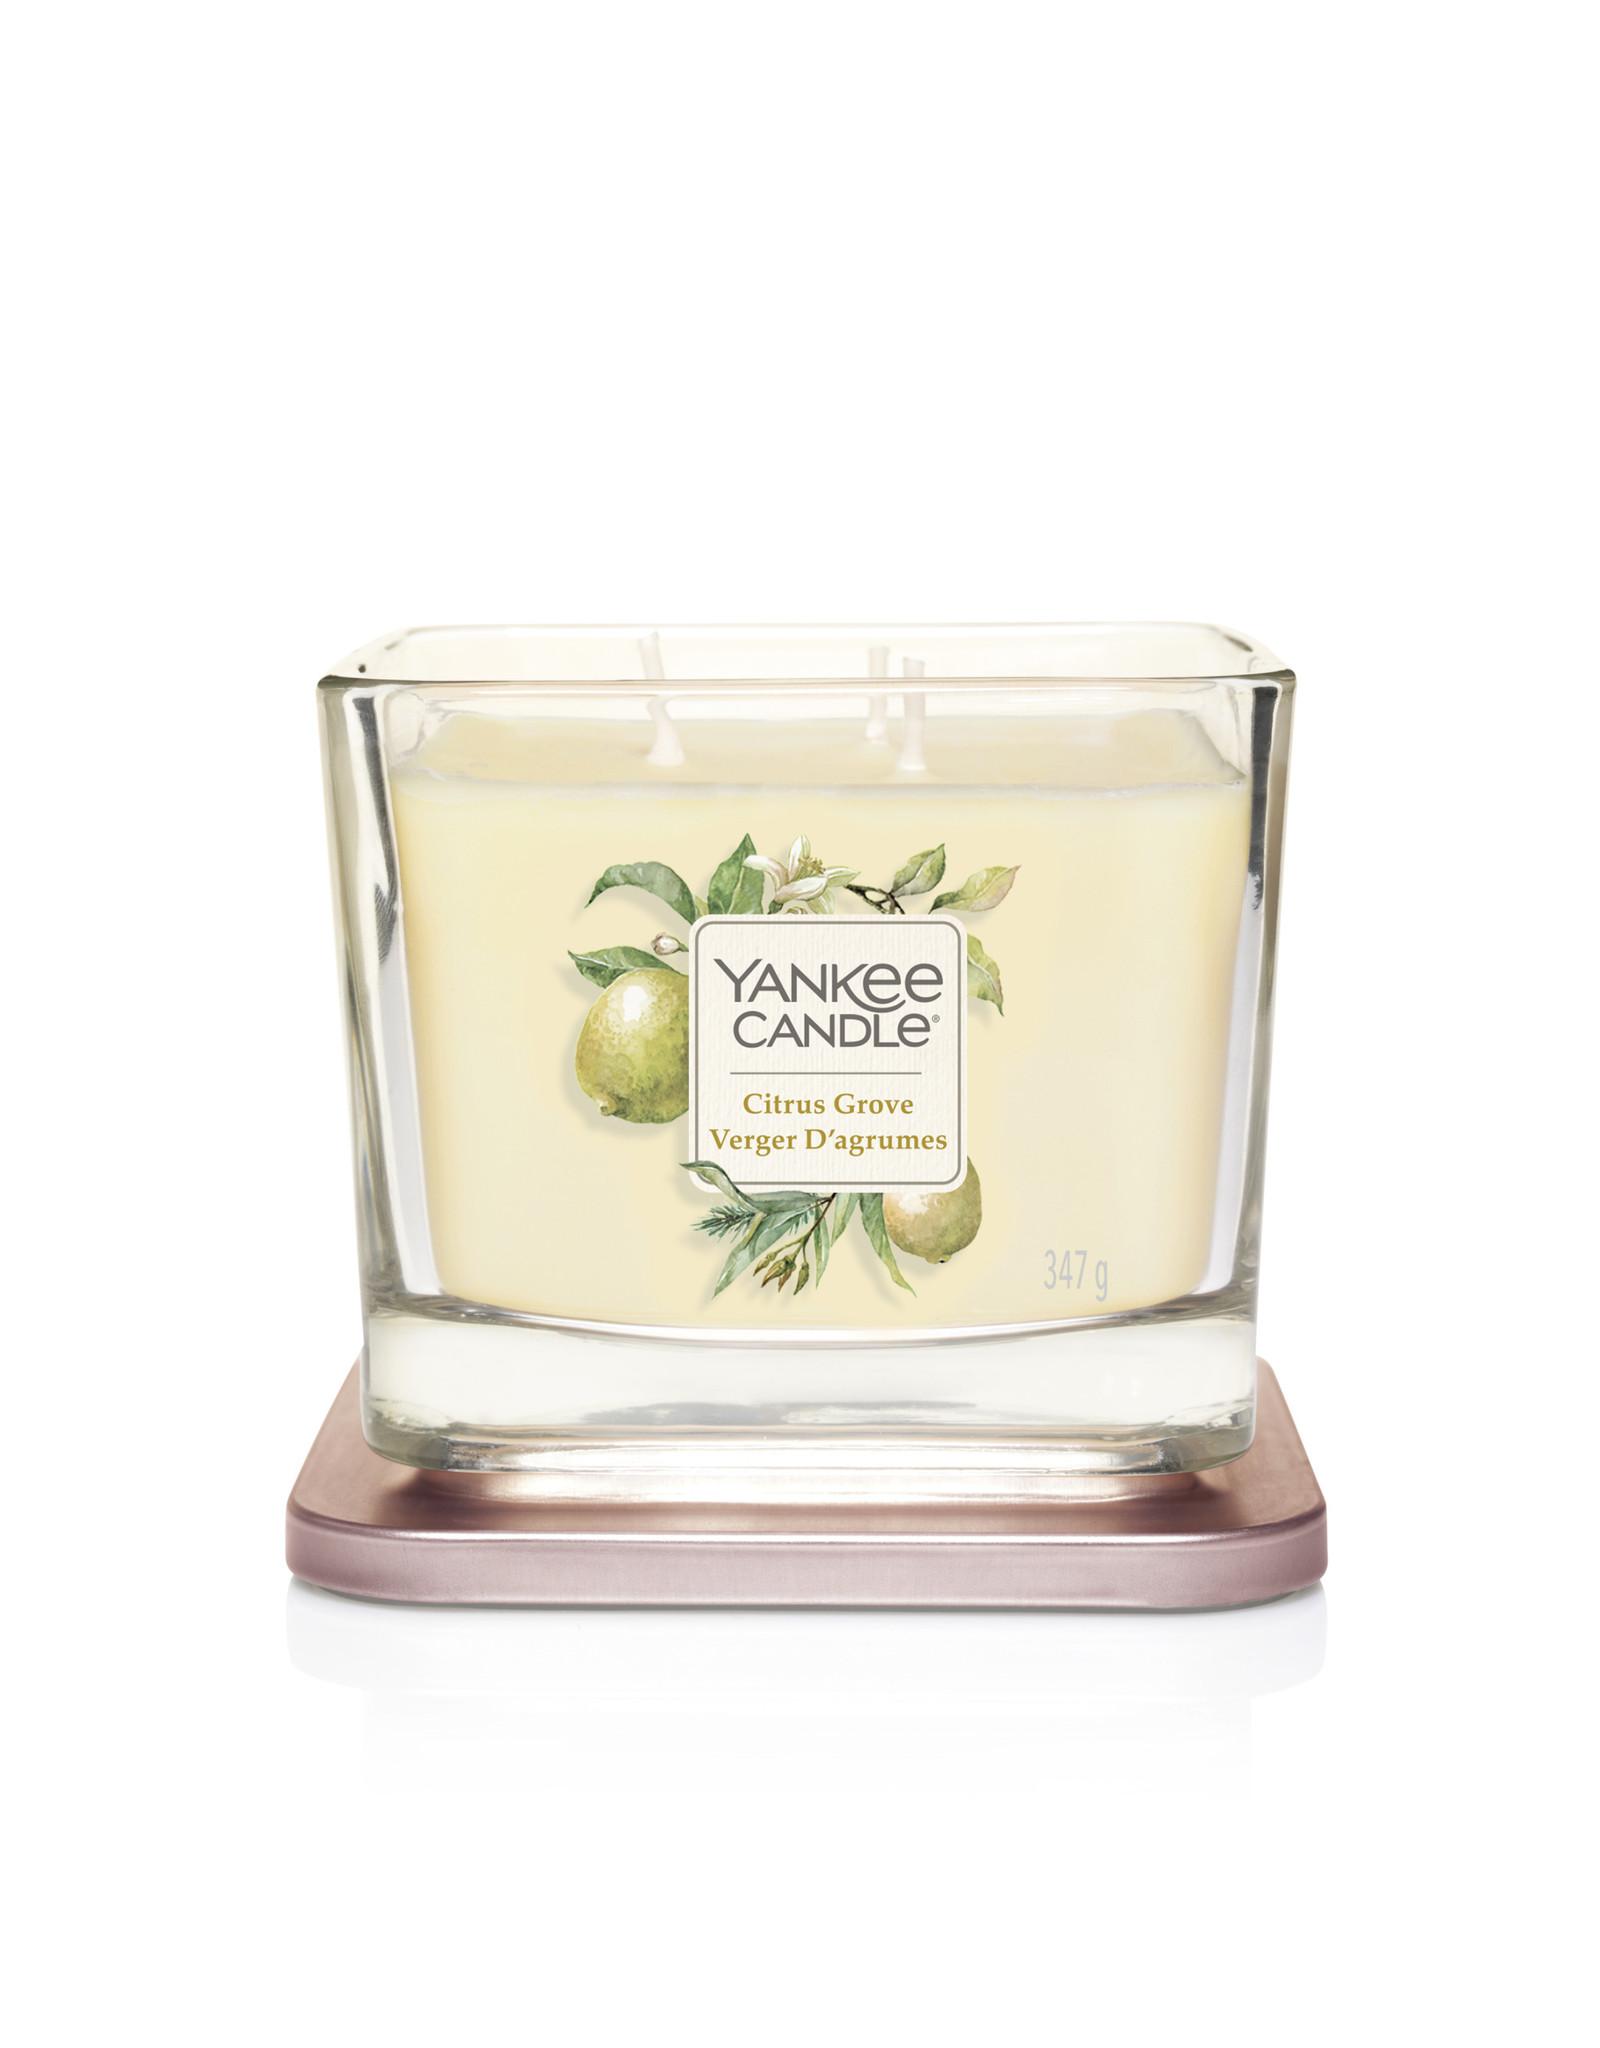 Yankee Candle Citrus Grove - Medium Vessel